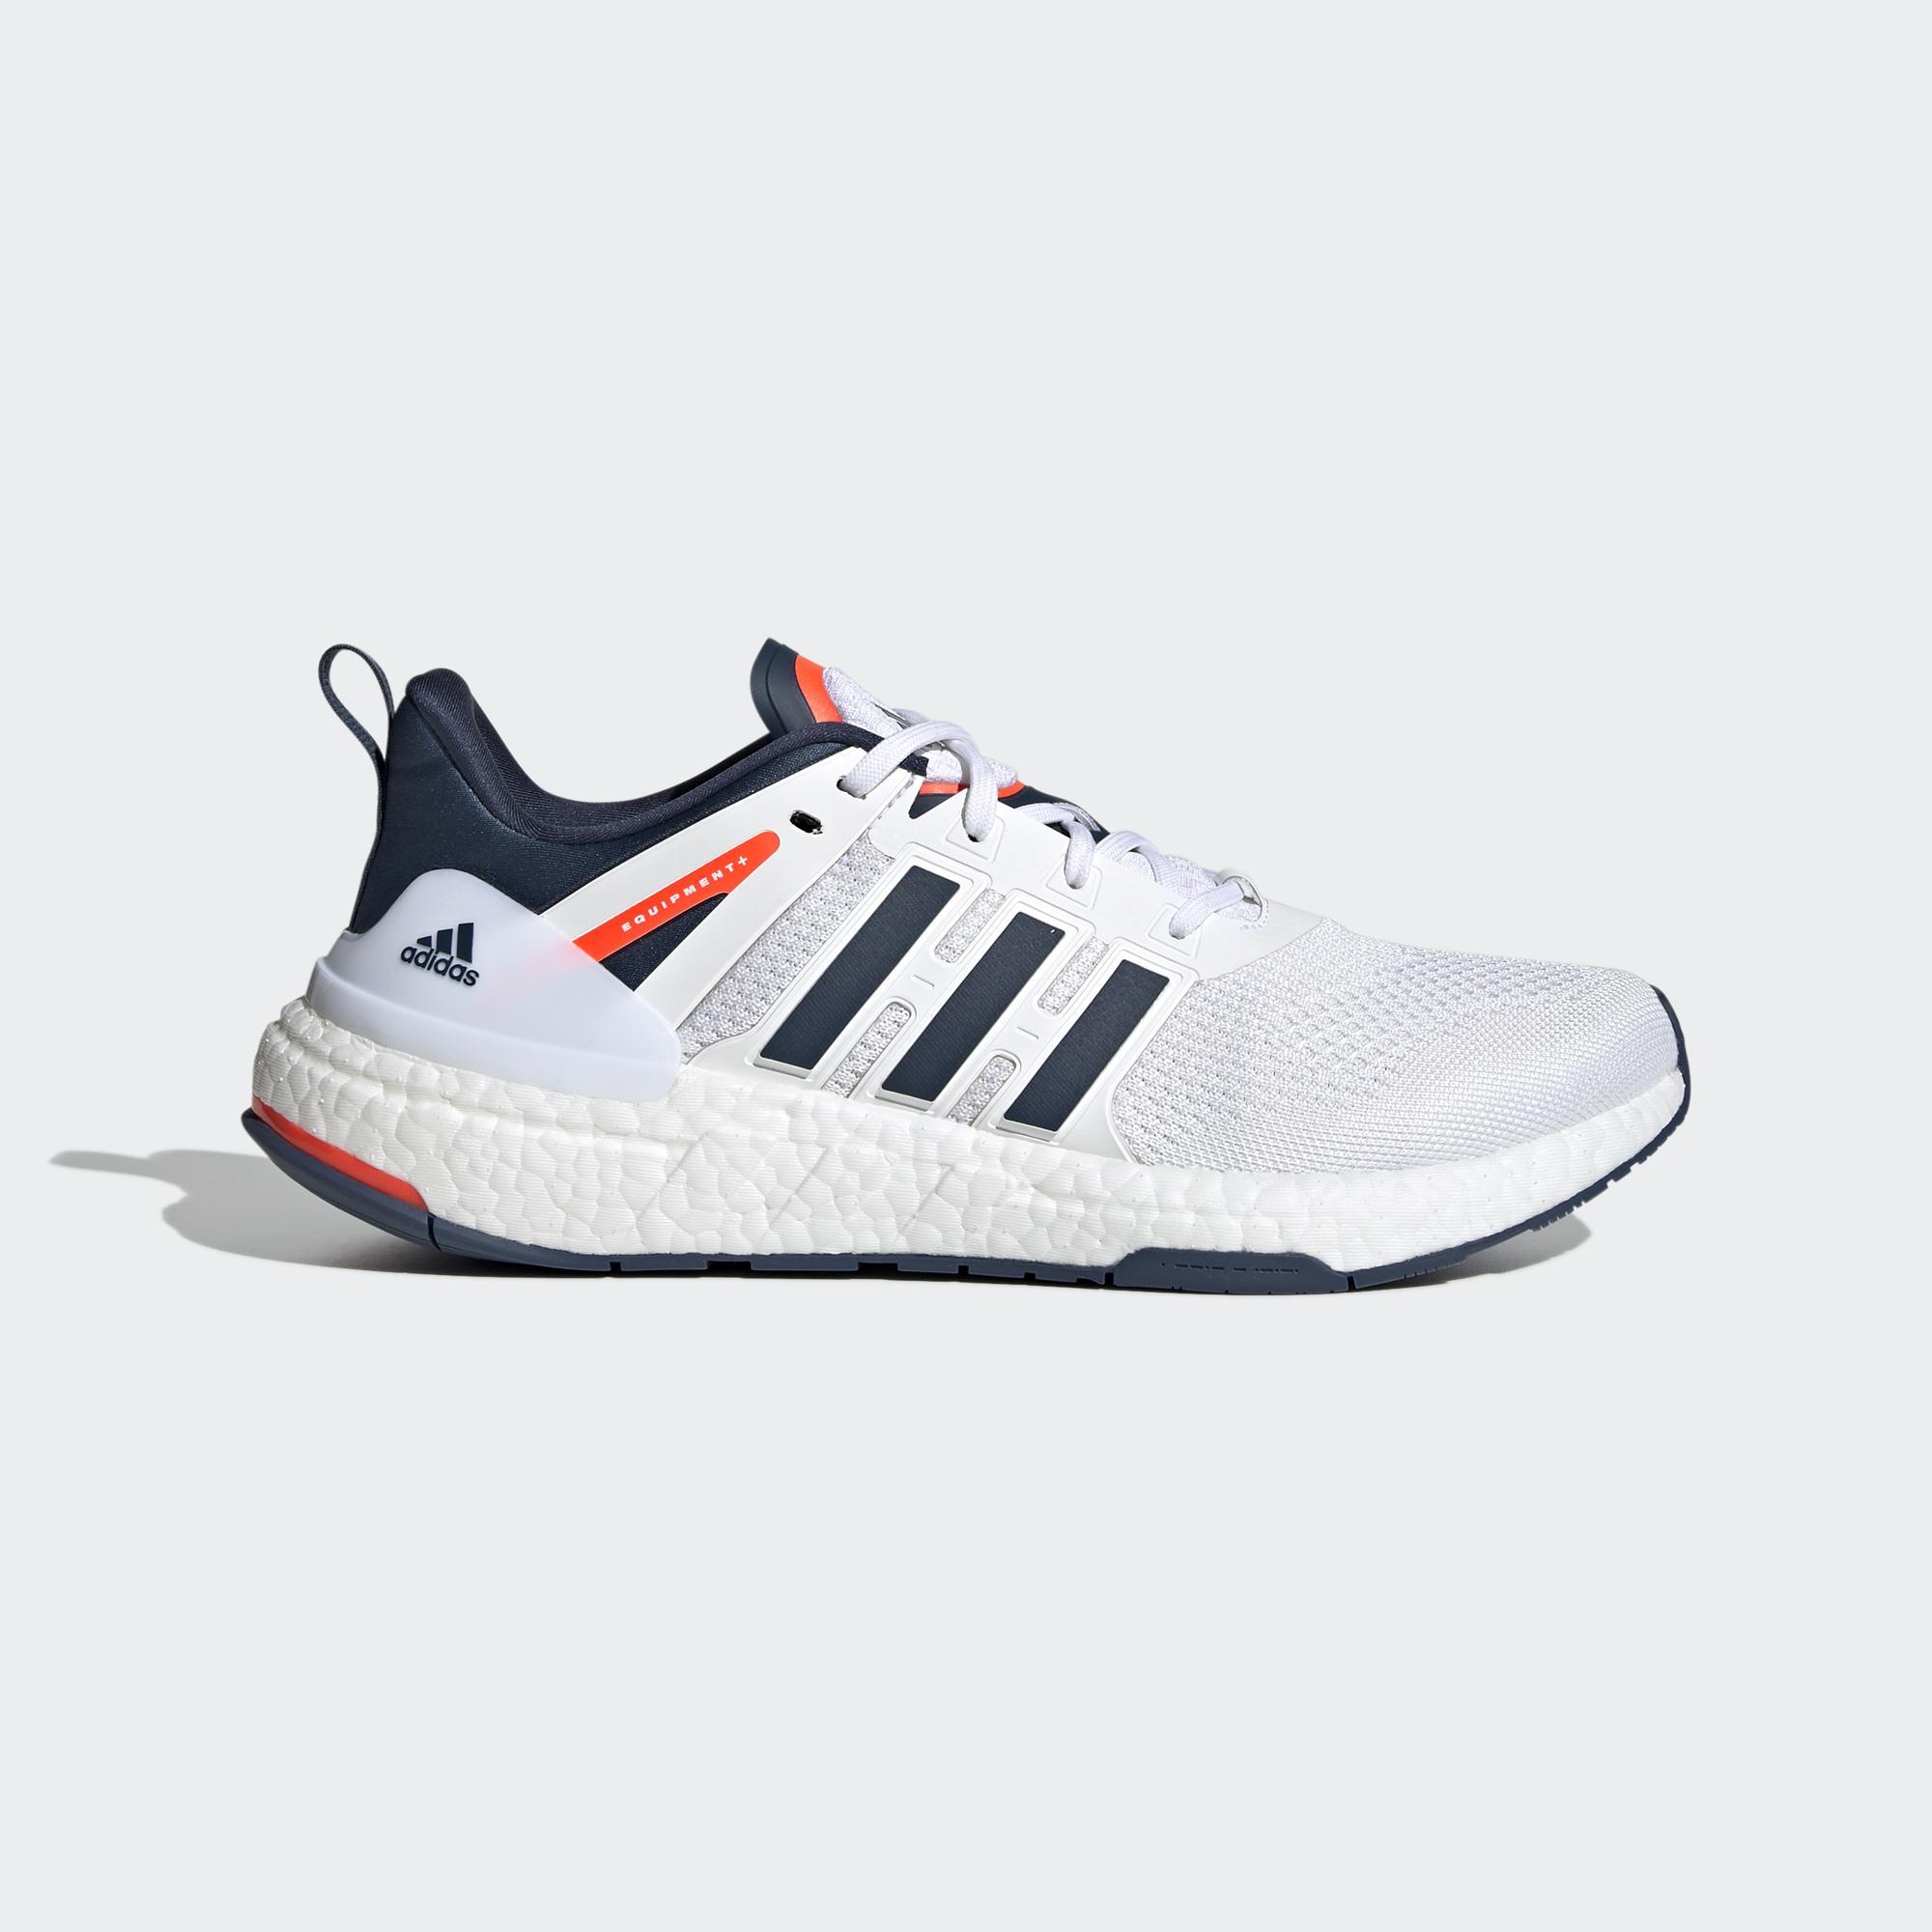 EQT+ 跑鞋